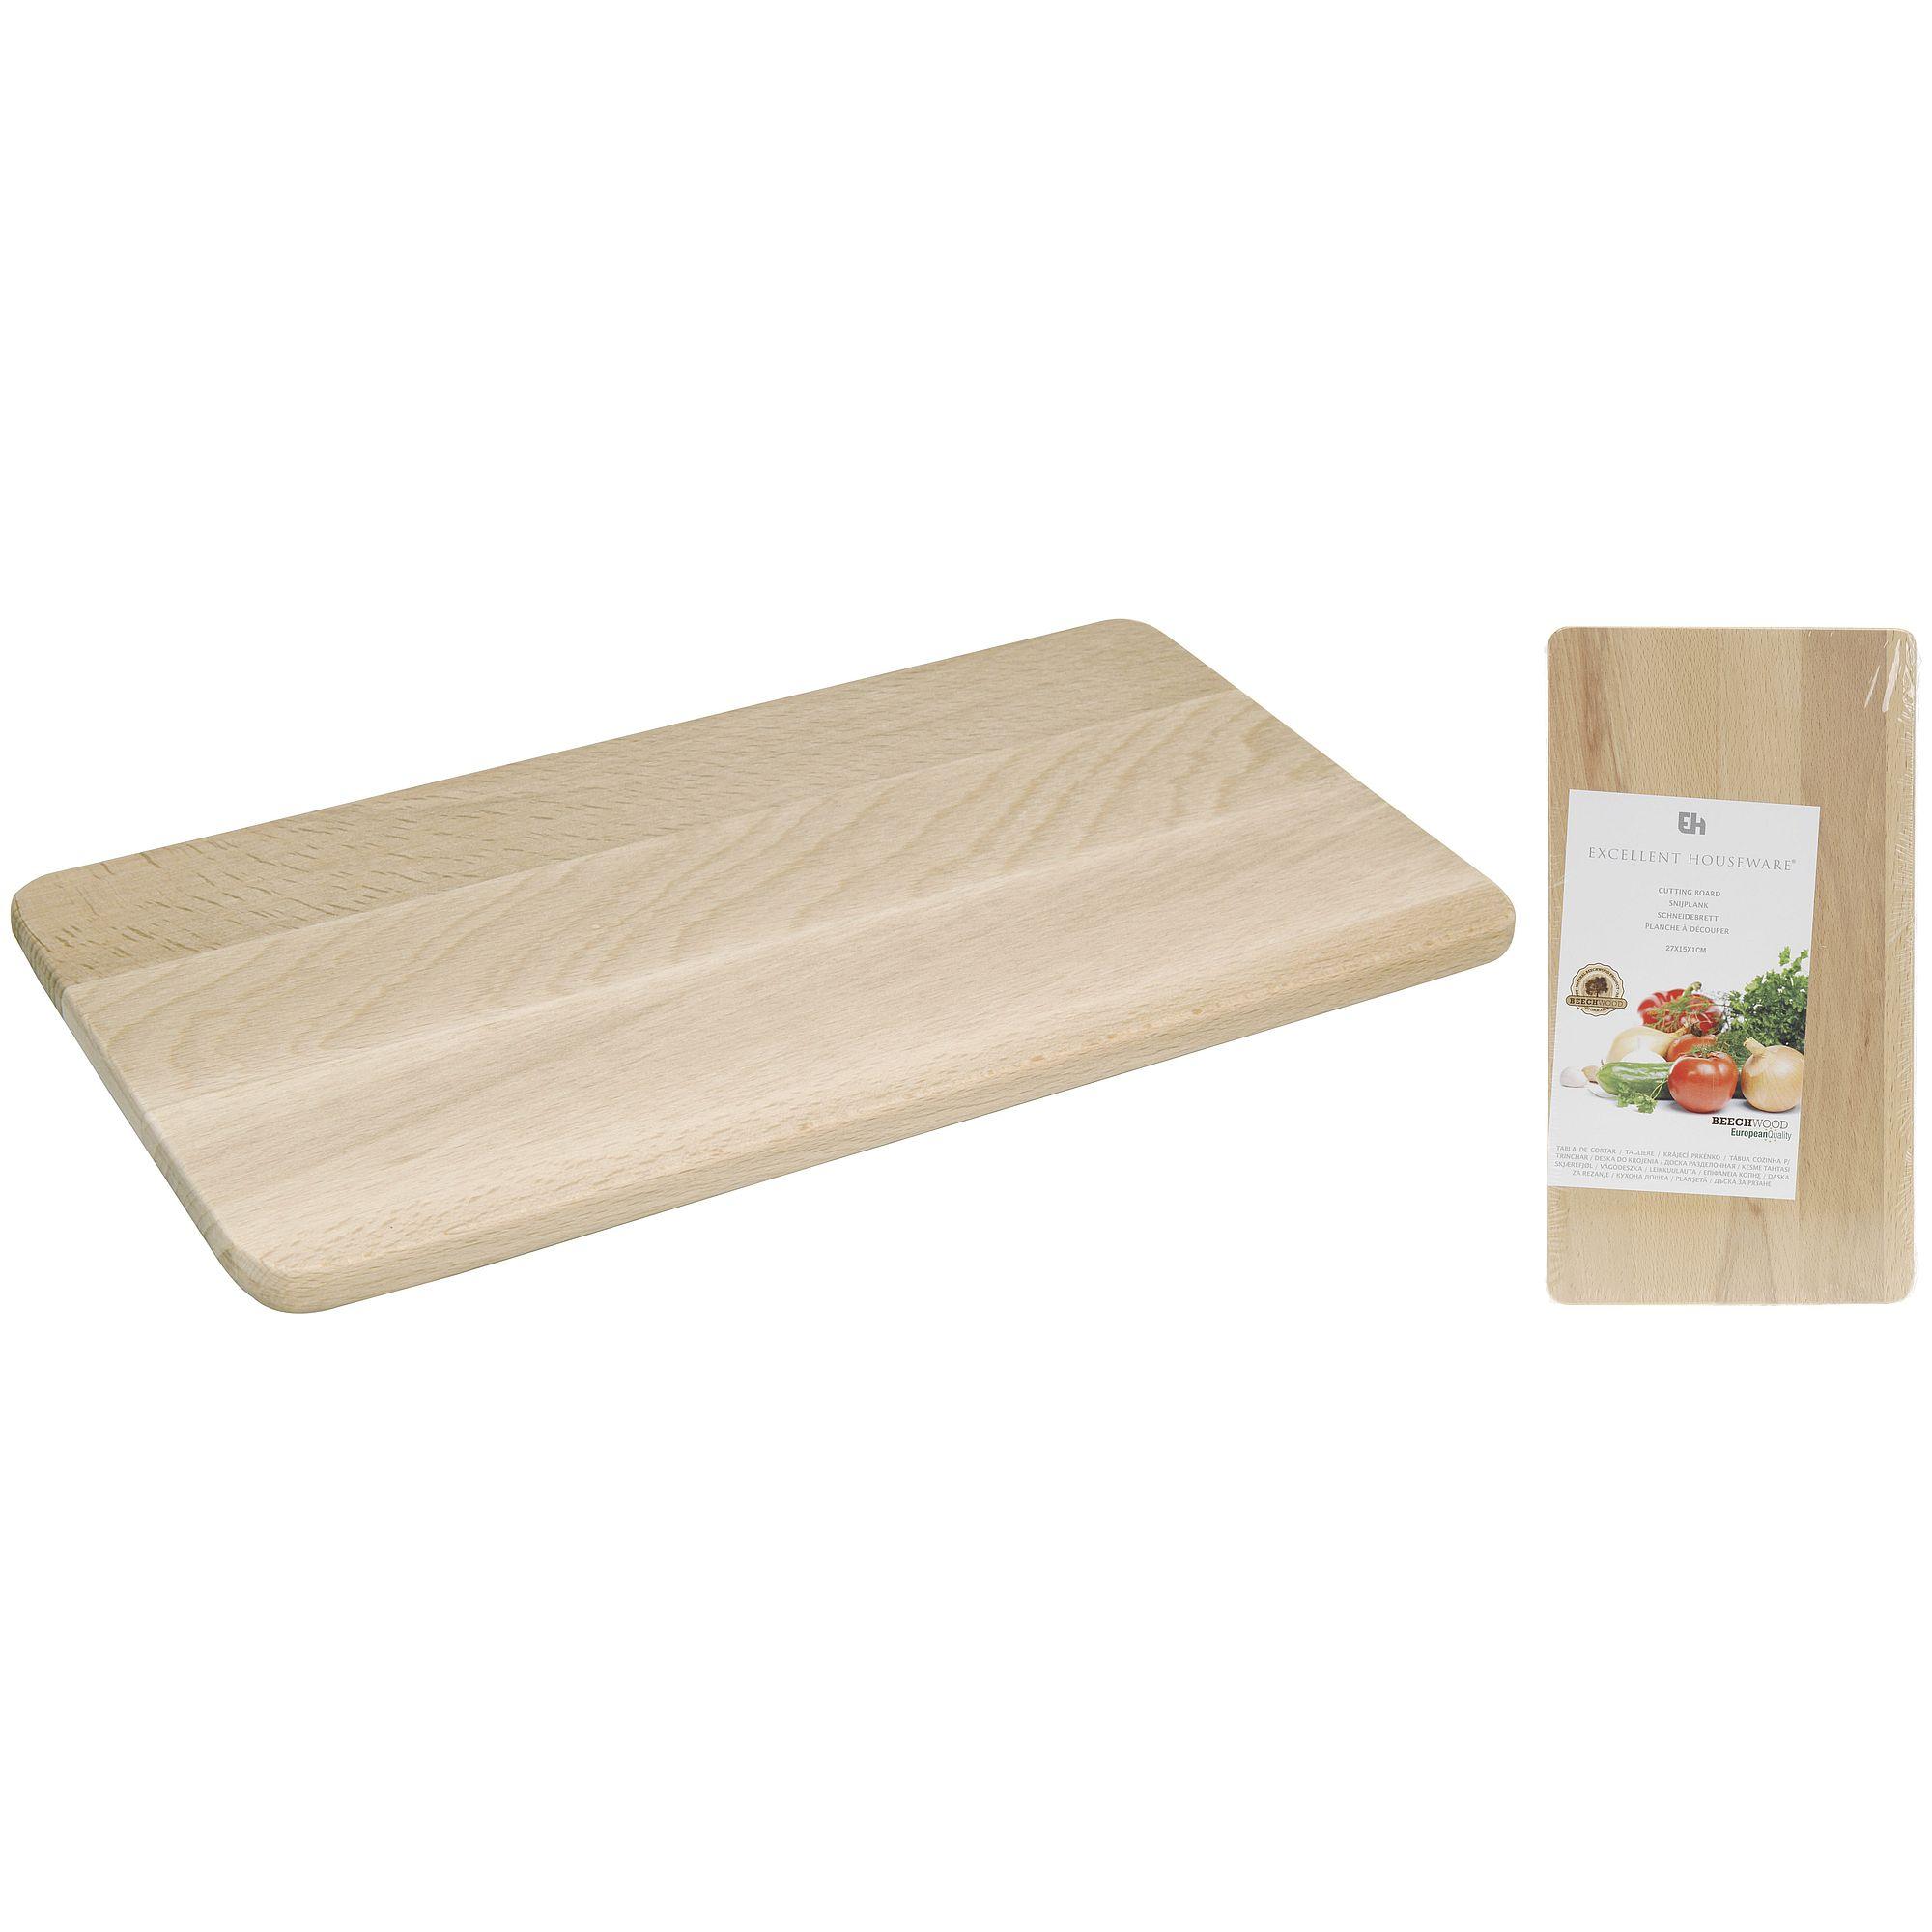 Доска разделочная 27,5х15Эргономичная разделочная доска Excellent Houseware займет достойное место на любой современной кухне. Доска выполнена в форме прямоугольника и имеет размеры 27,5 на 15 см, поэтому на ней удобно резать и разделывать продукты различного размера. Благодаря тому, что доска изготовлена из натуральной древесины, она защищена от появления и размножения вредоносных микроорганизмов. Использование деревянной доски безопасно и экологично, в отличие от пластиковых досок. Изделие легко мыть обычной водой, оно не впитывает запахи и не деформируется во время длительного использования. Кроме того, деревянная доска всегда смотрится эффектно в интерьере кухни.<br>